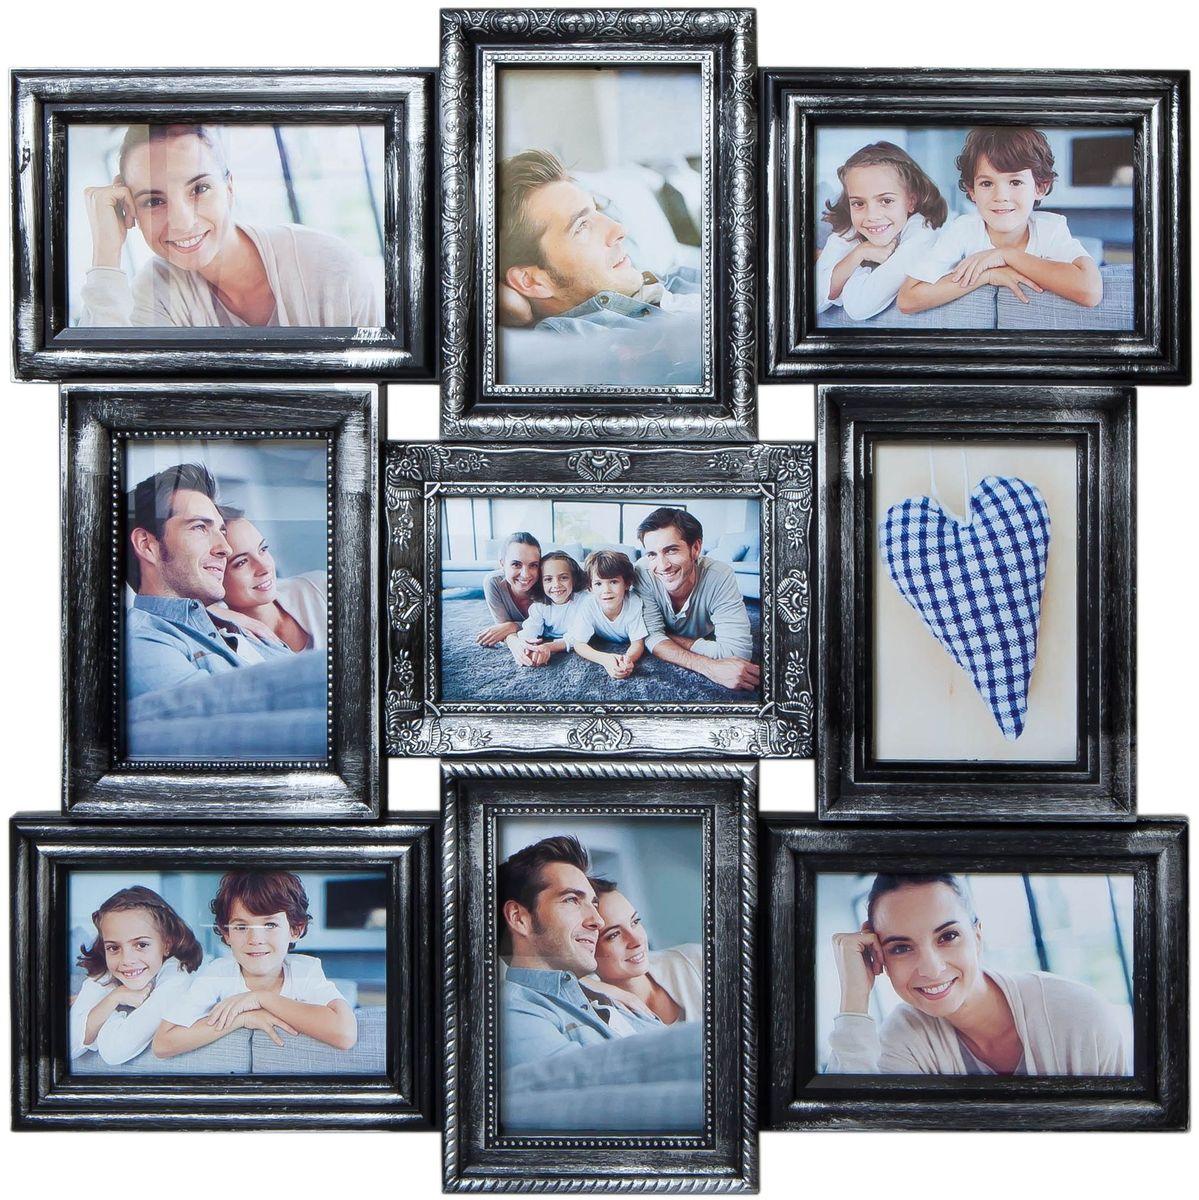 Коллаж Platinum, цвет: черный, серебристый, 9 фоторамок. BIN-112184PLATINUM BIN-112184 Чёрный с серебром (Black with silver)Пластиковый коллаж с 9 фото 10х15.